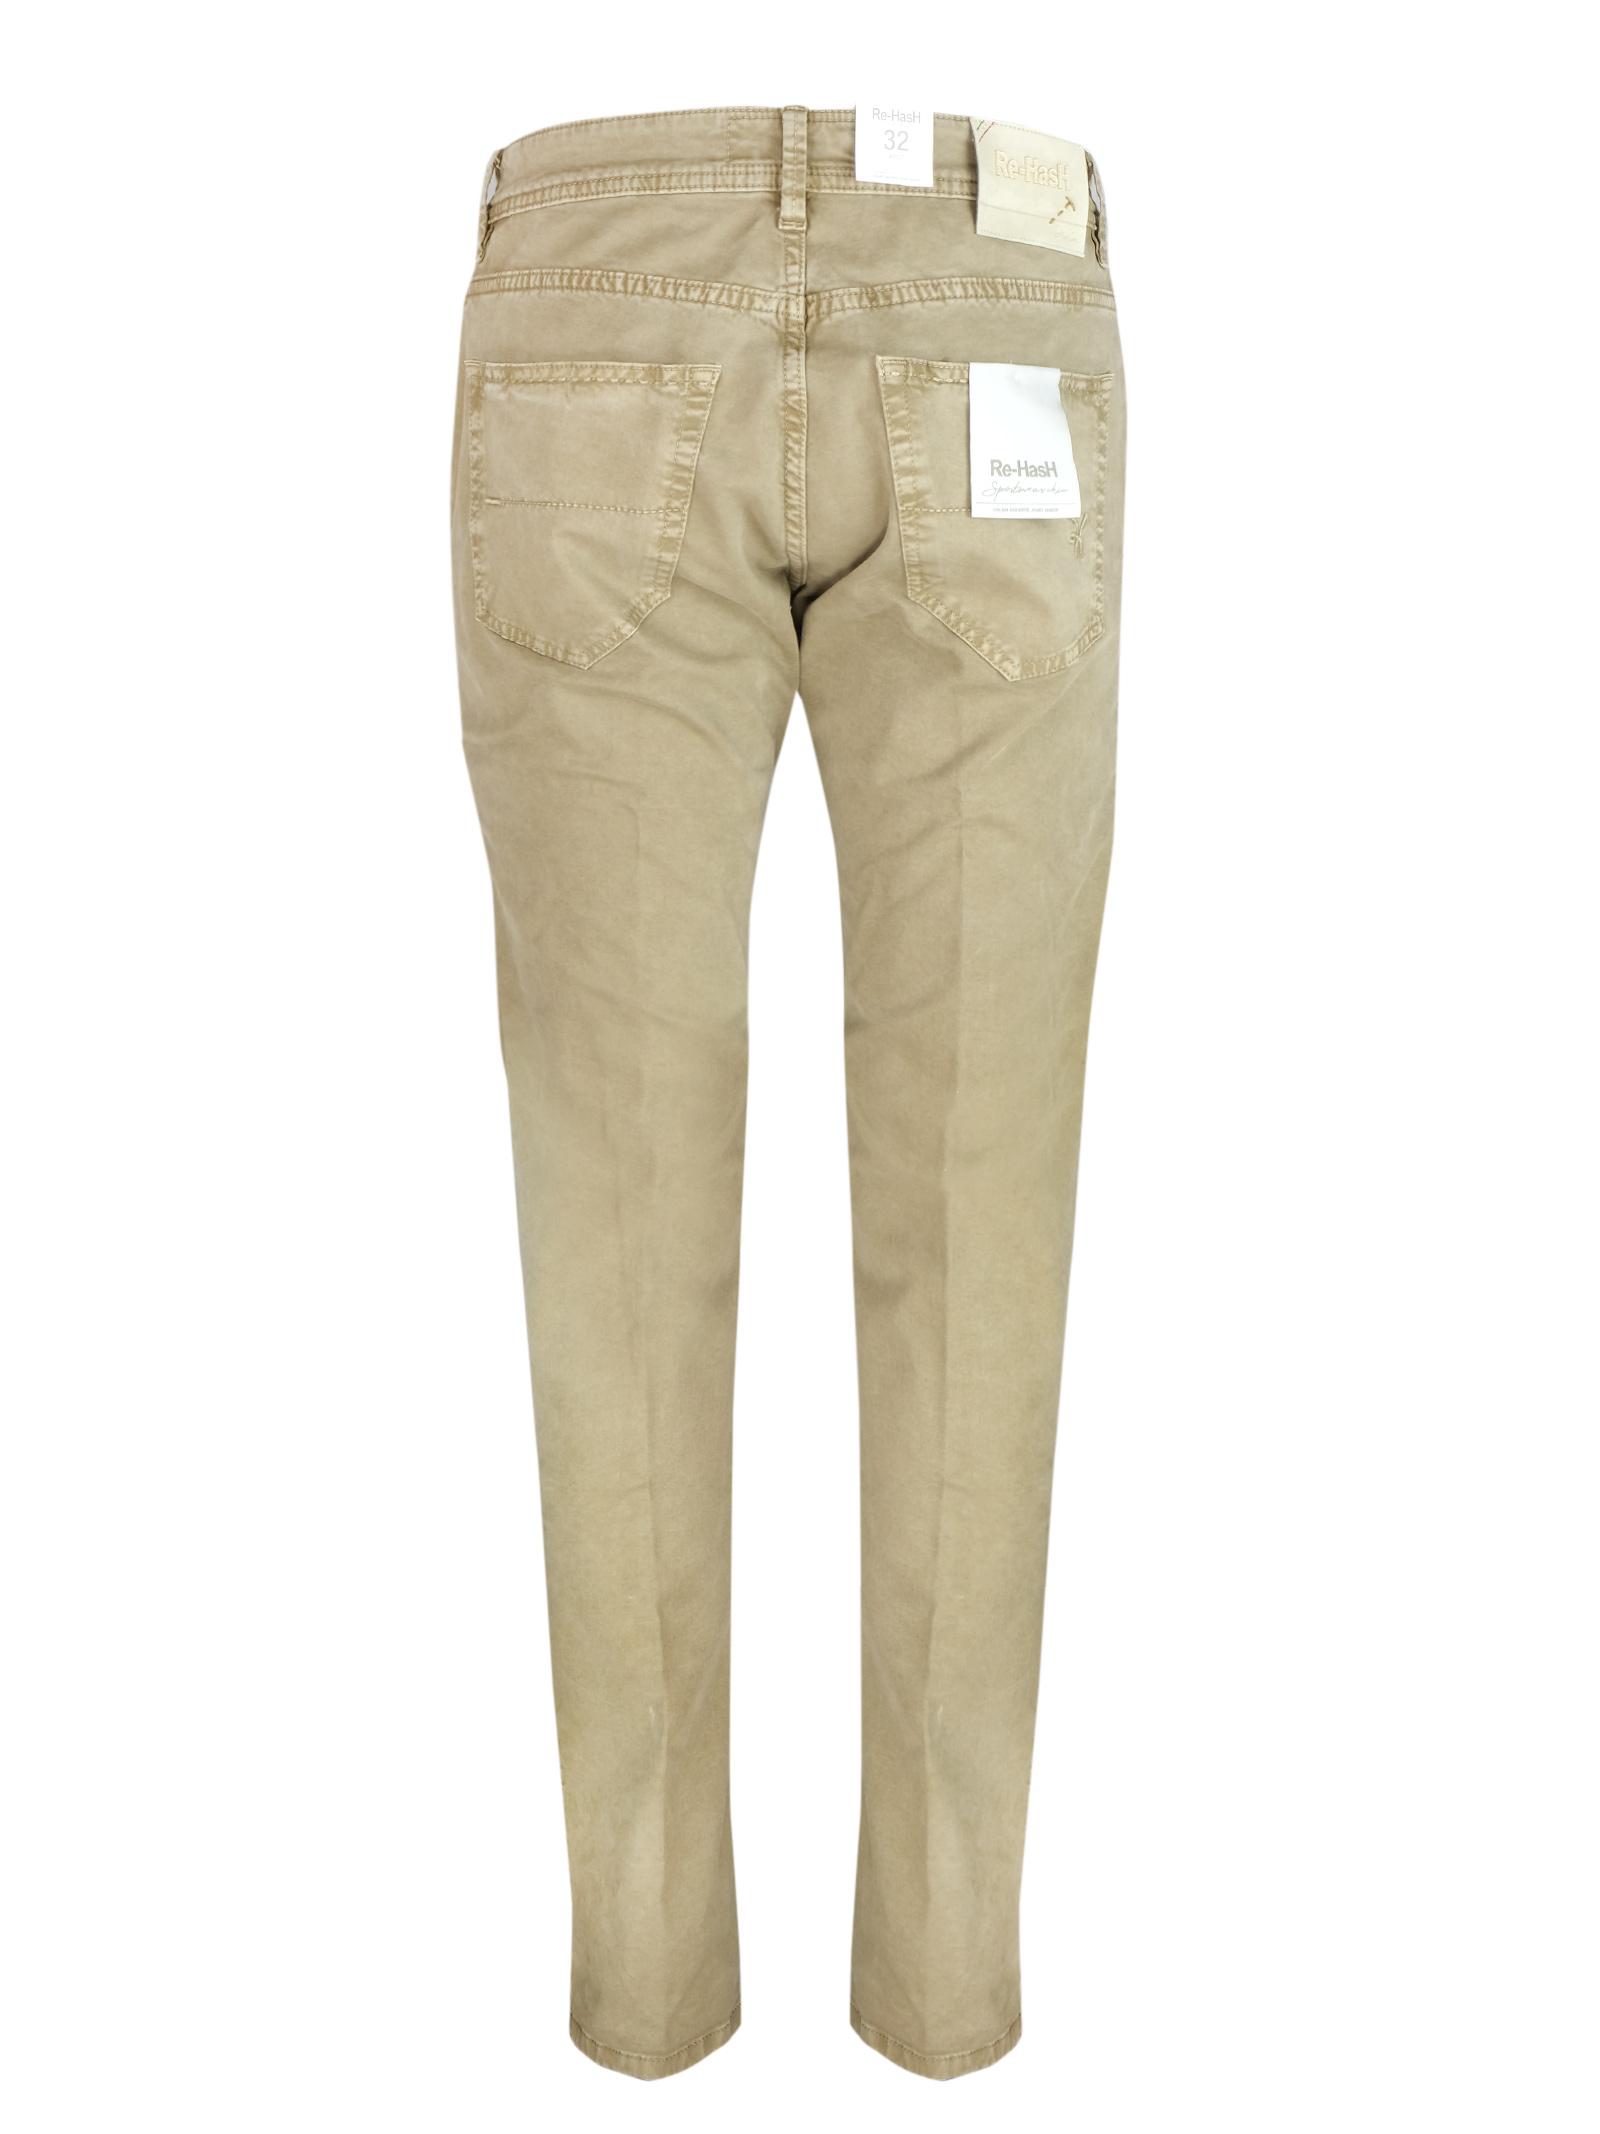 Re-HasH | Jeans | PS4002499HOPPER0143